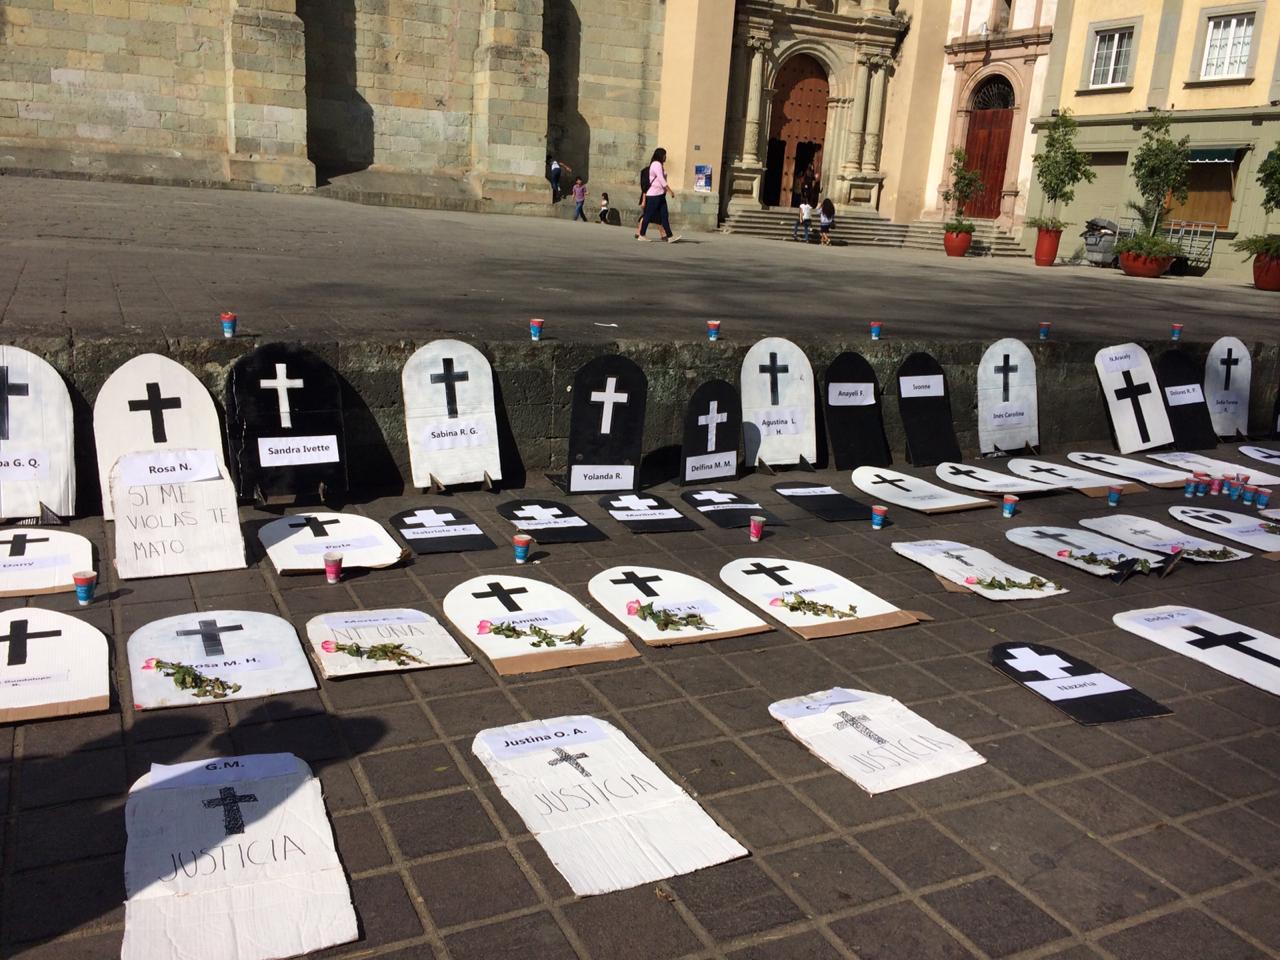 Incremento de desaparición de mujeres y feminicidio en Oaxaca